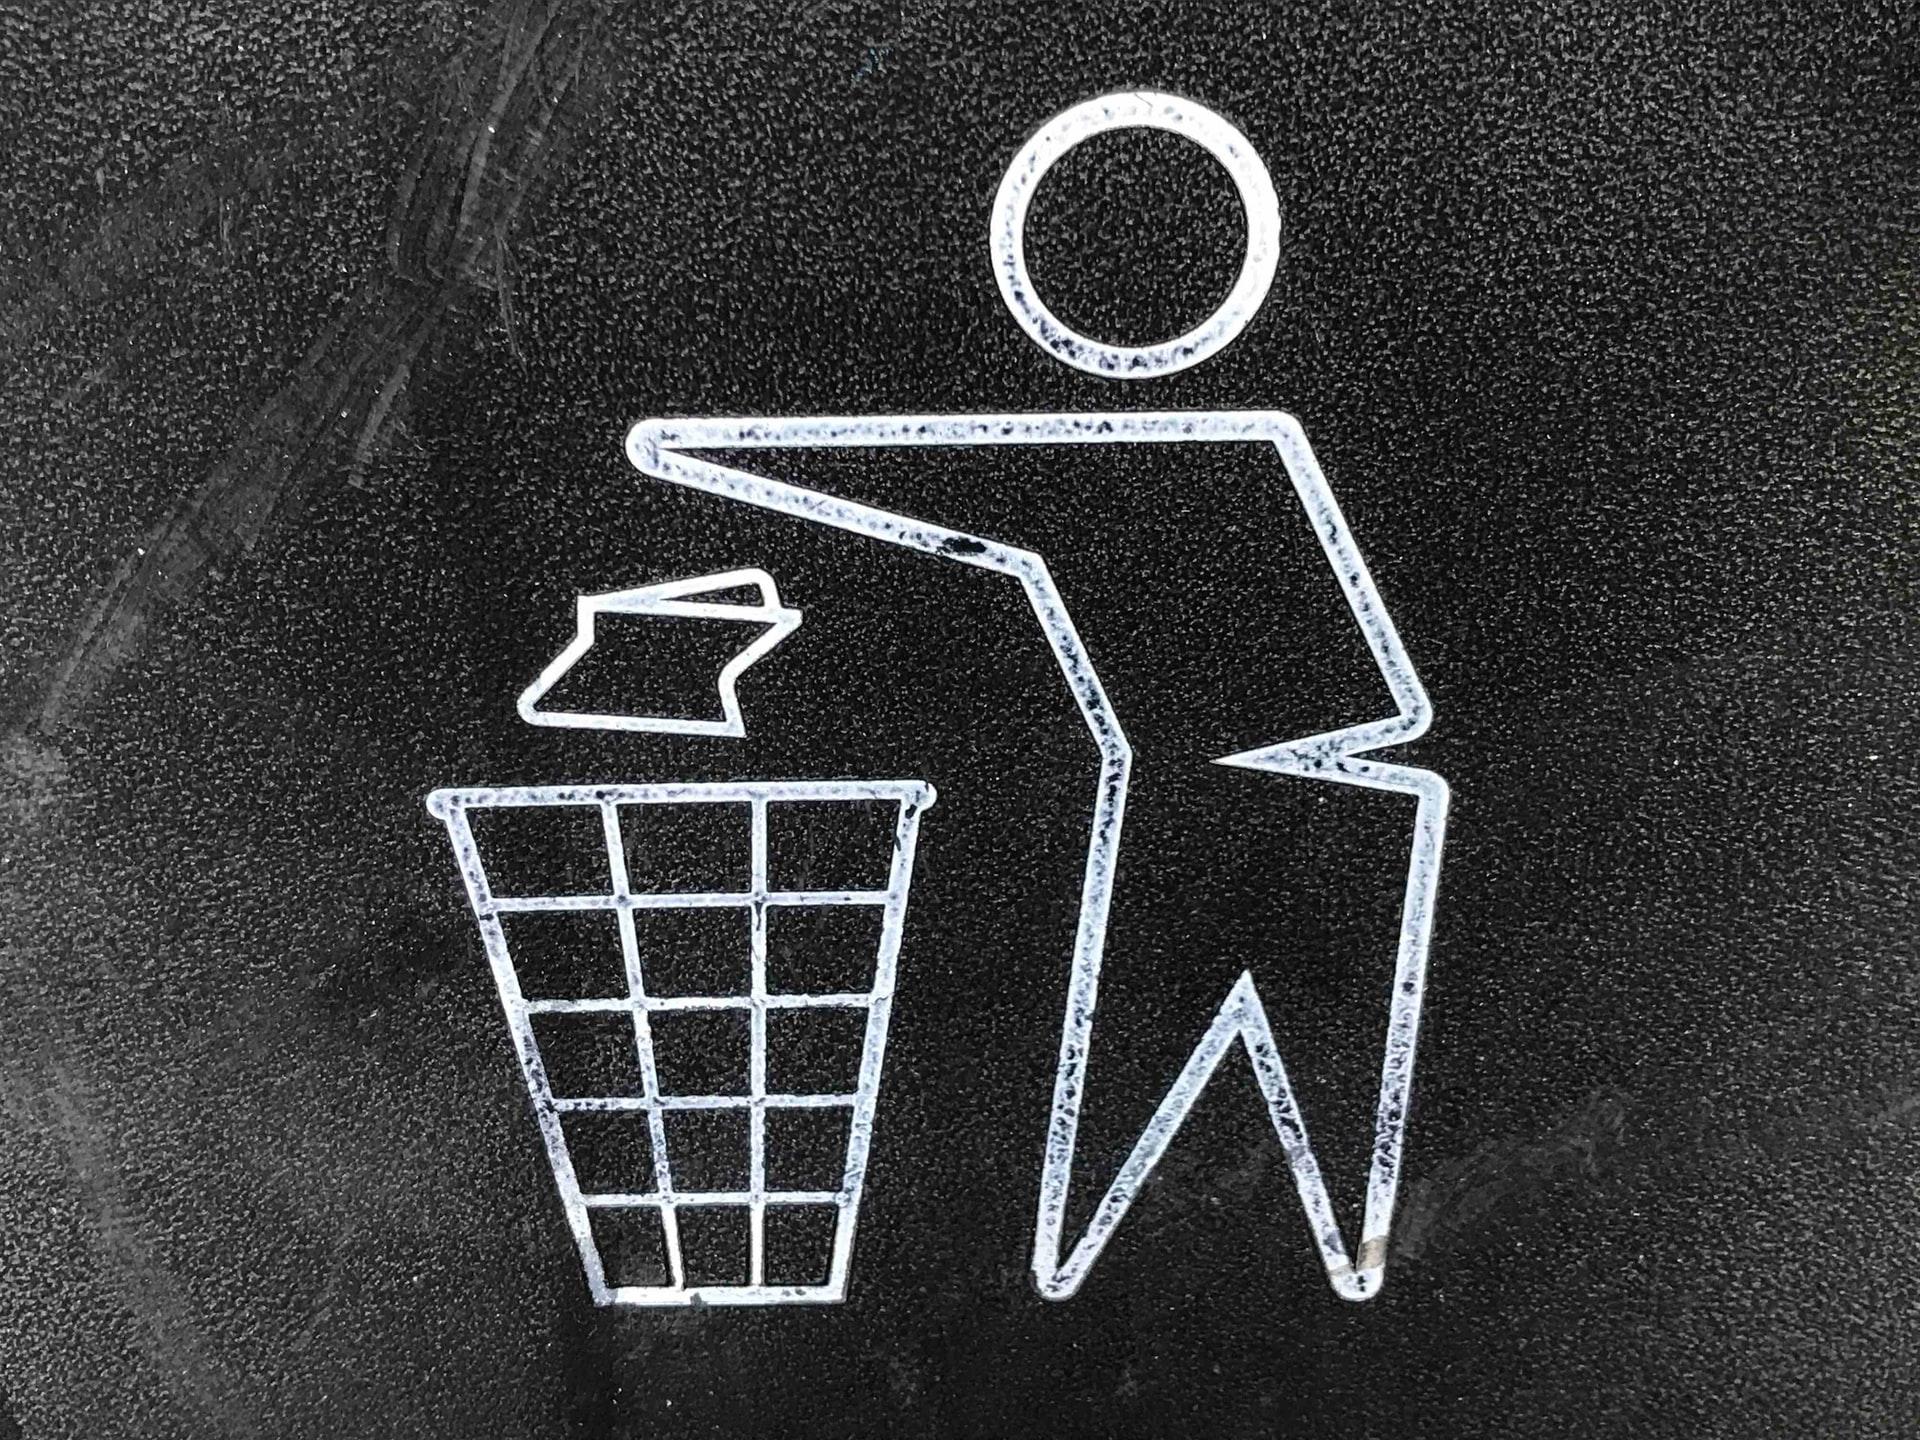 ゴミ箱に捨てている様子